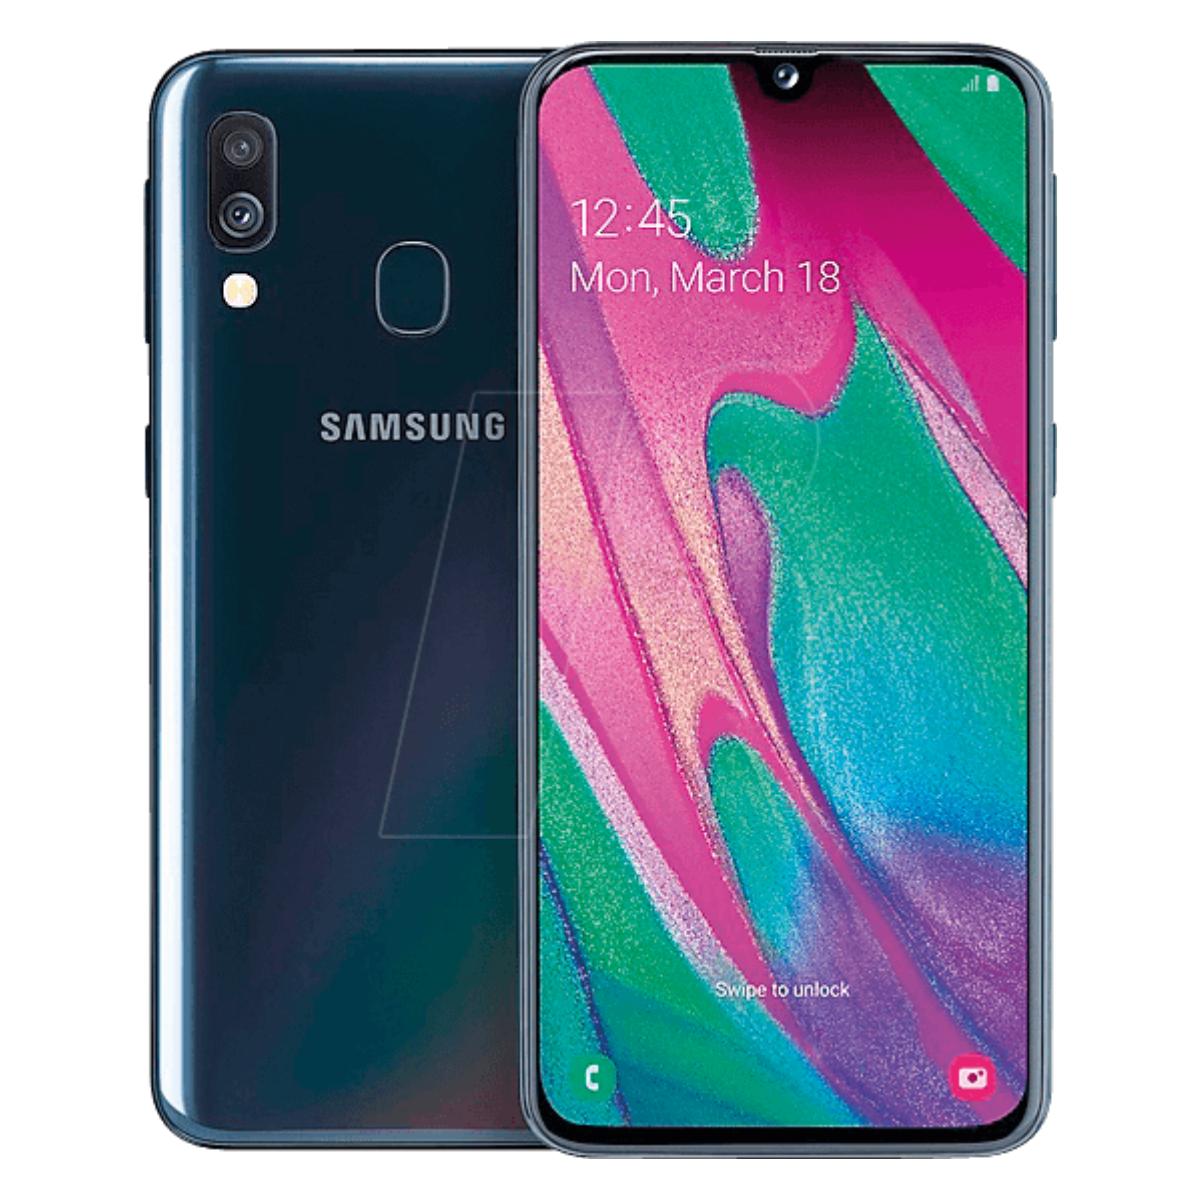 Sim Free Samsung A40 64GB Dual Sim Mobile Phone – Black